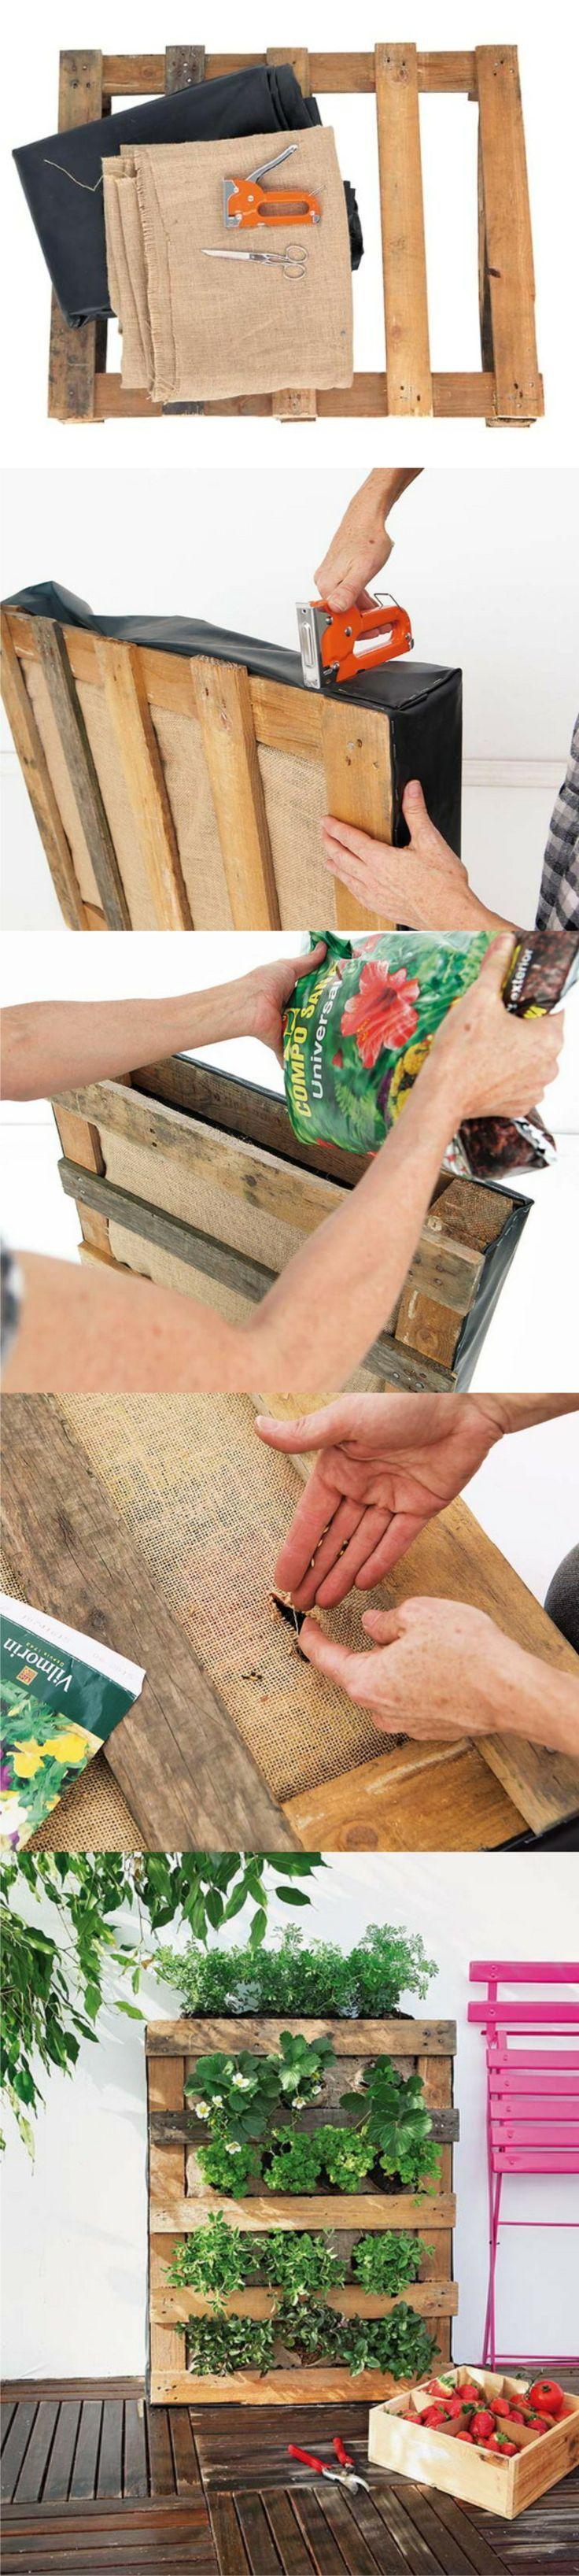 DIY hacer un huerto vertical con palé